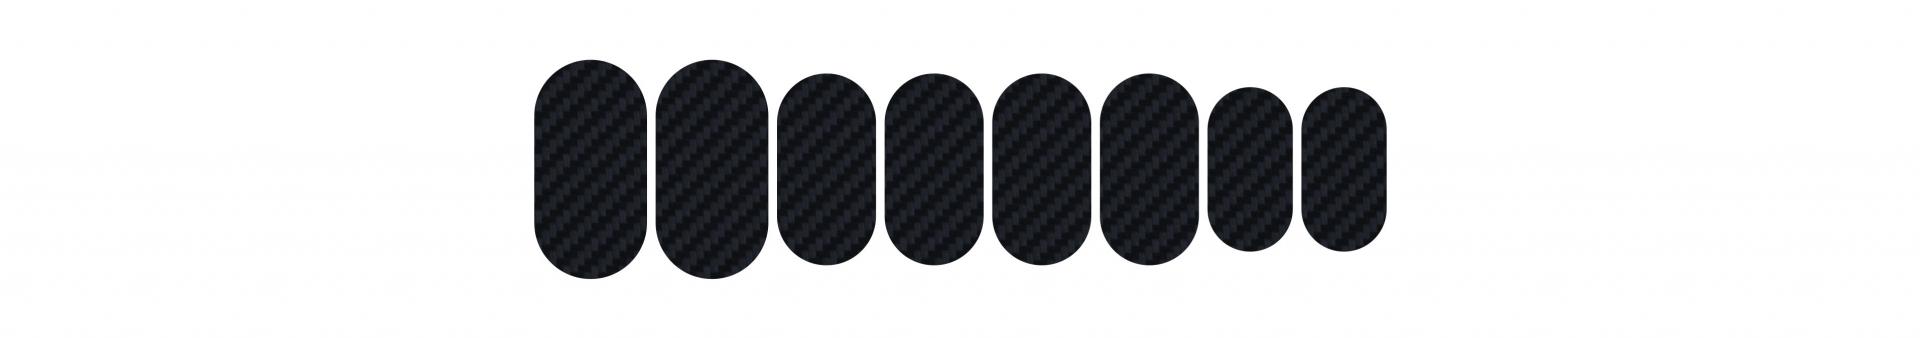 Protections de cadre Lizard Skins adhésives Kit Carbon 3K